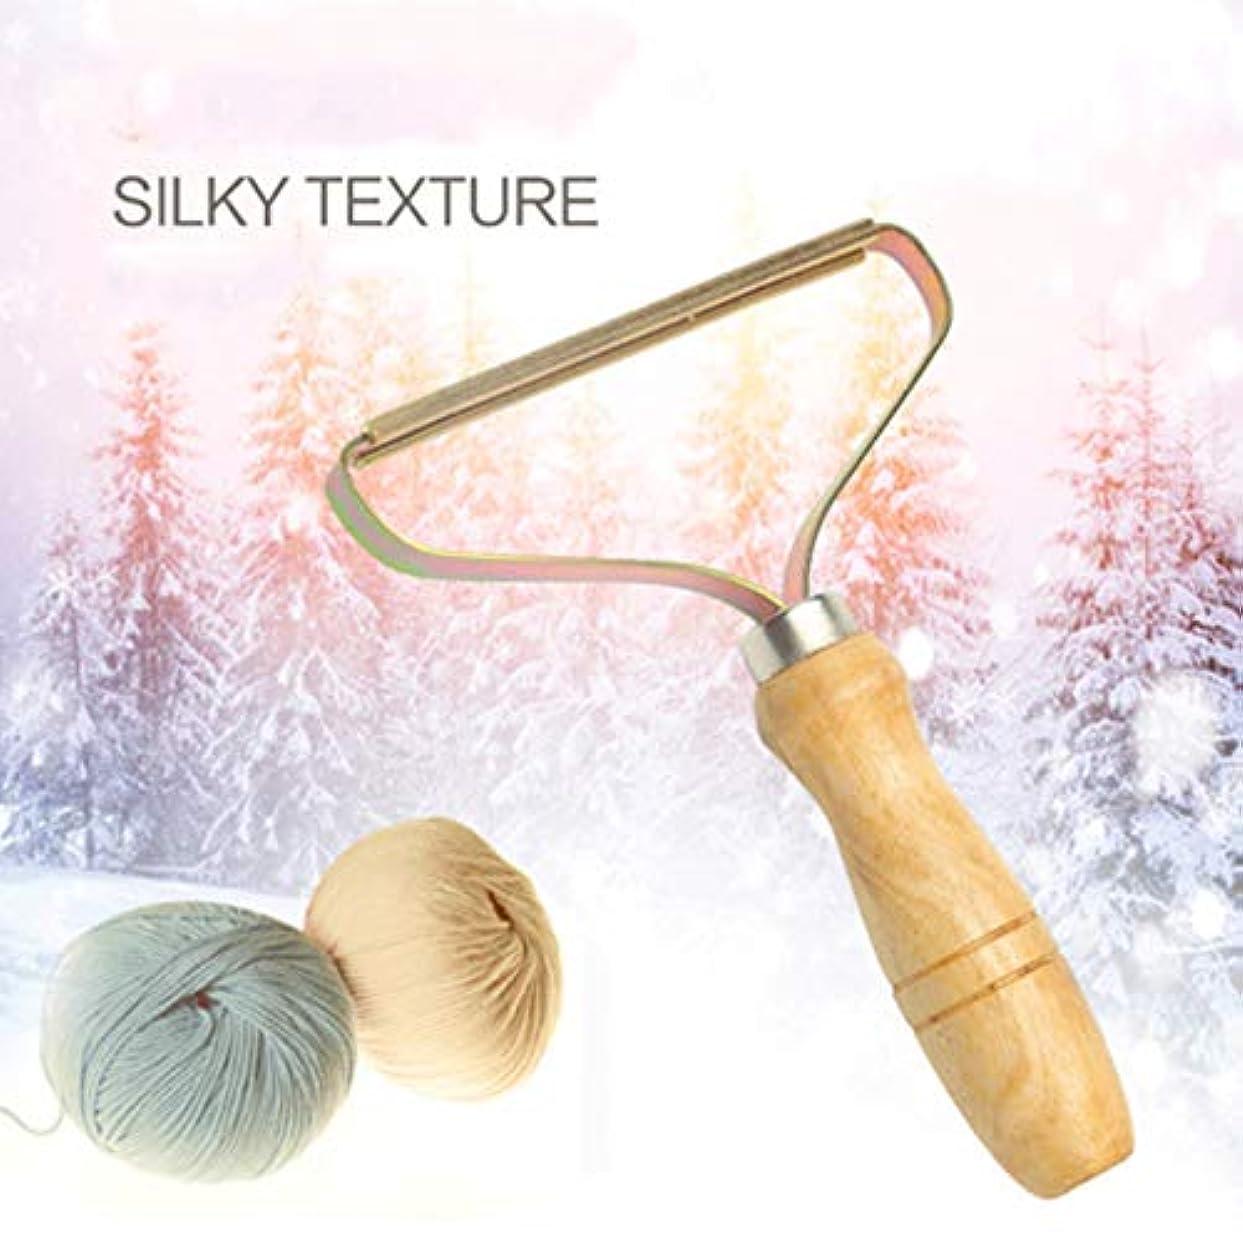 無線鍔愛情feelingood Portable Lint Remover Clothes Fuzz Shaver Restores Your Clothes and Fabrics